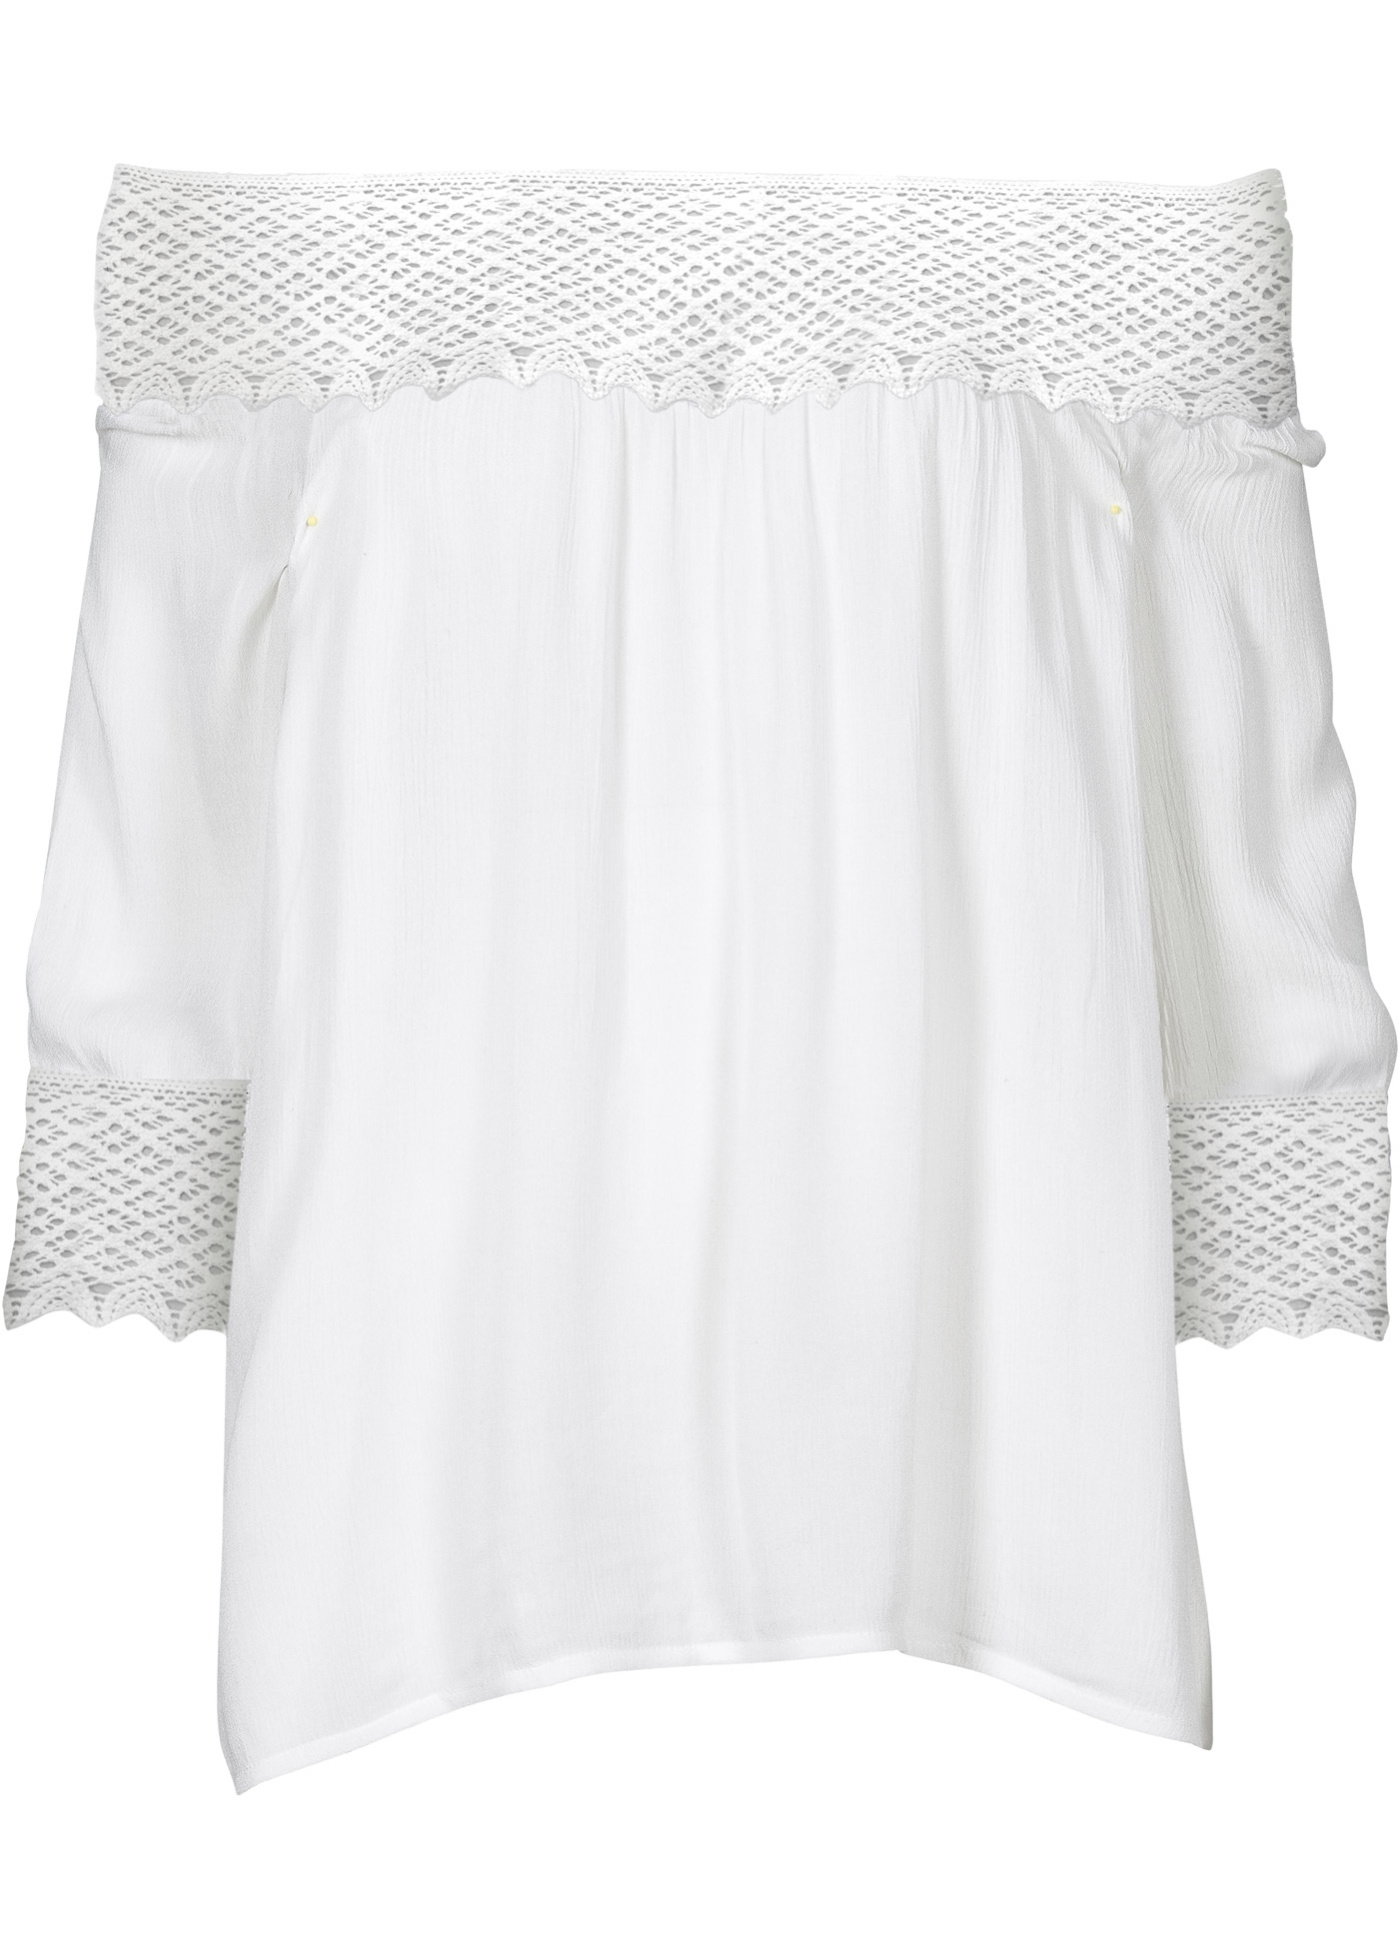 Blusa ombro a ombro com crochê branca manga 7 / 8 com decote cigana